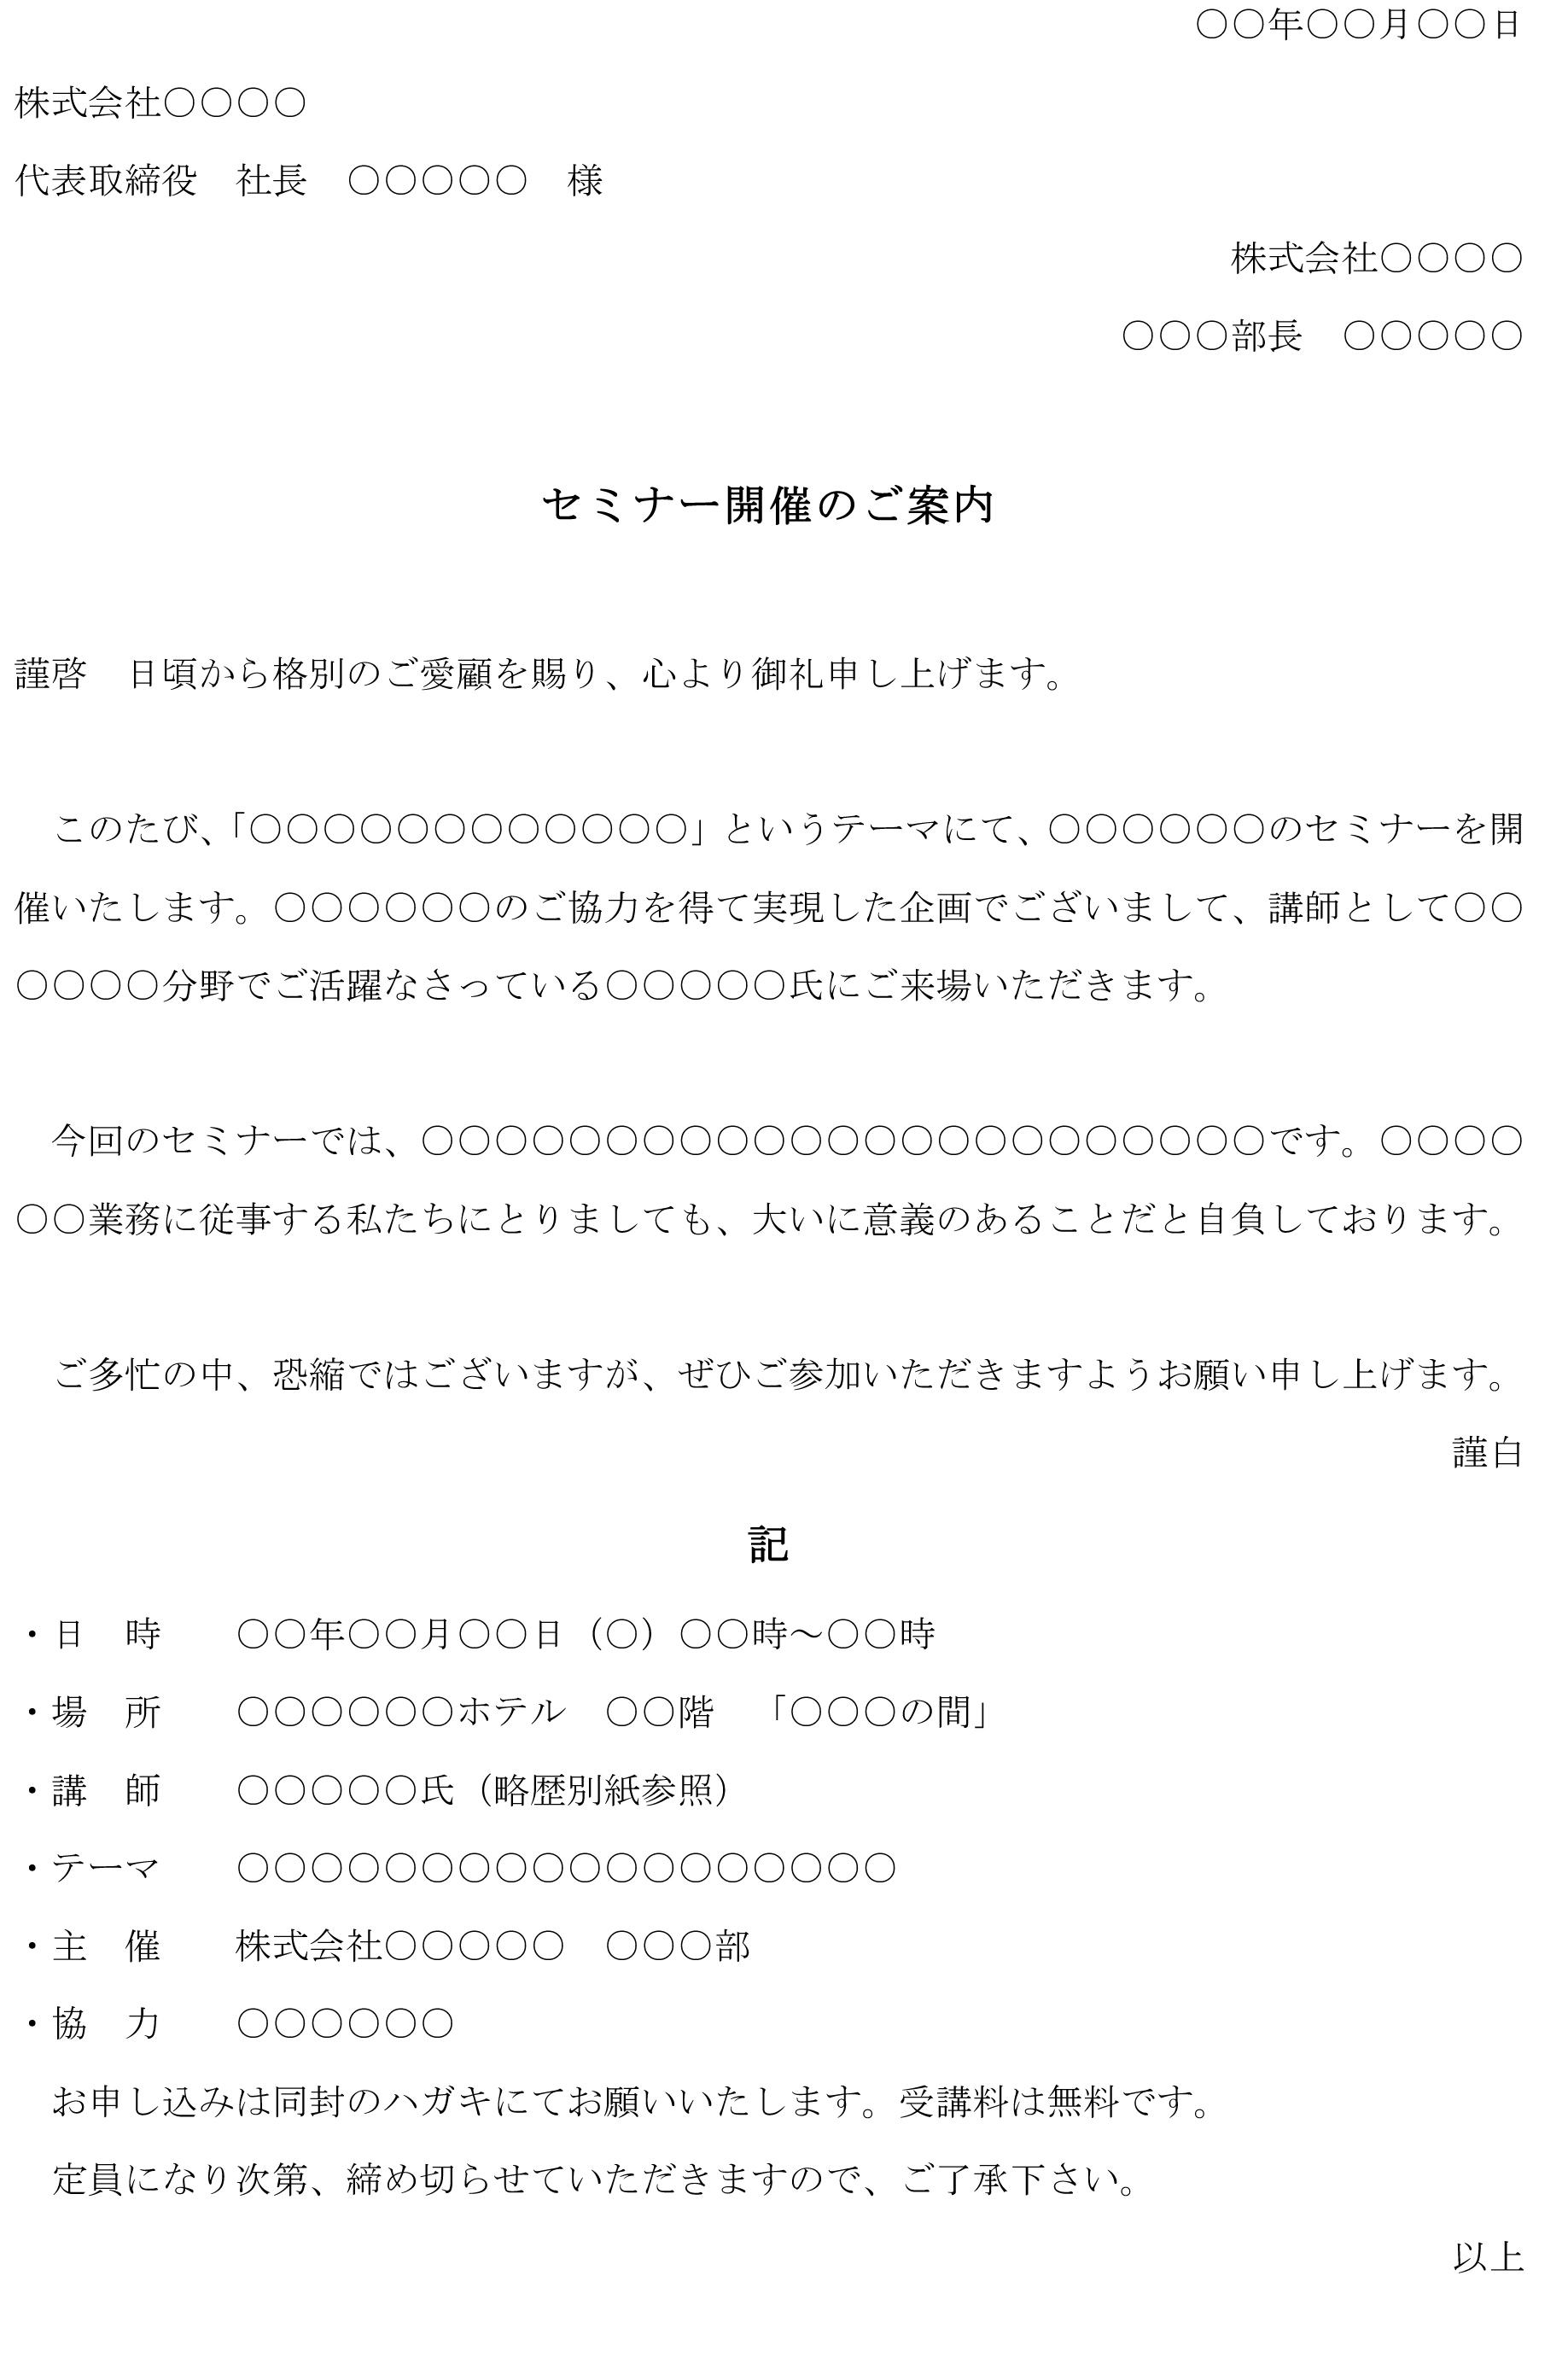 案内状(セミナー開催)02